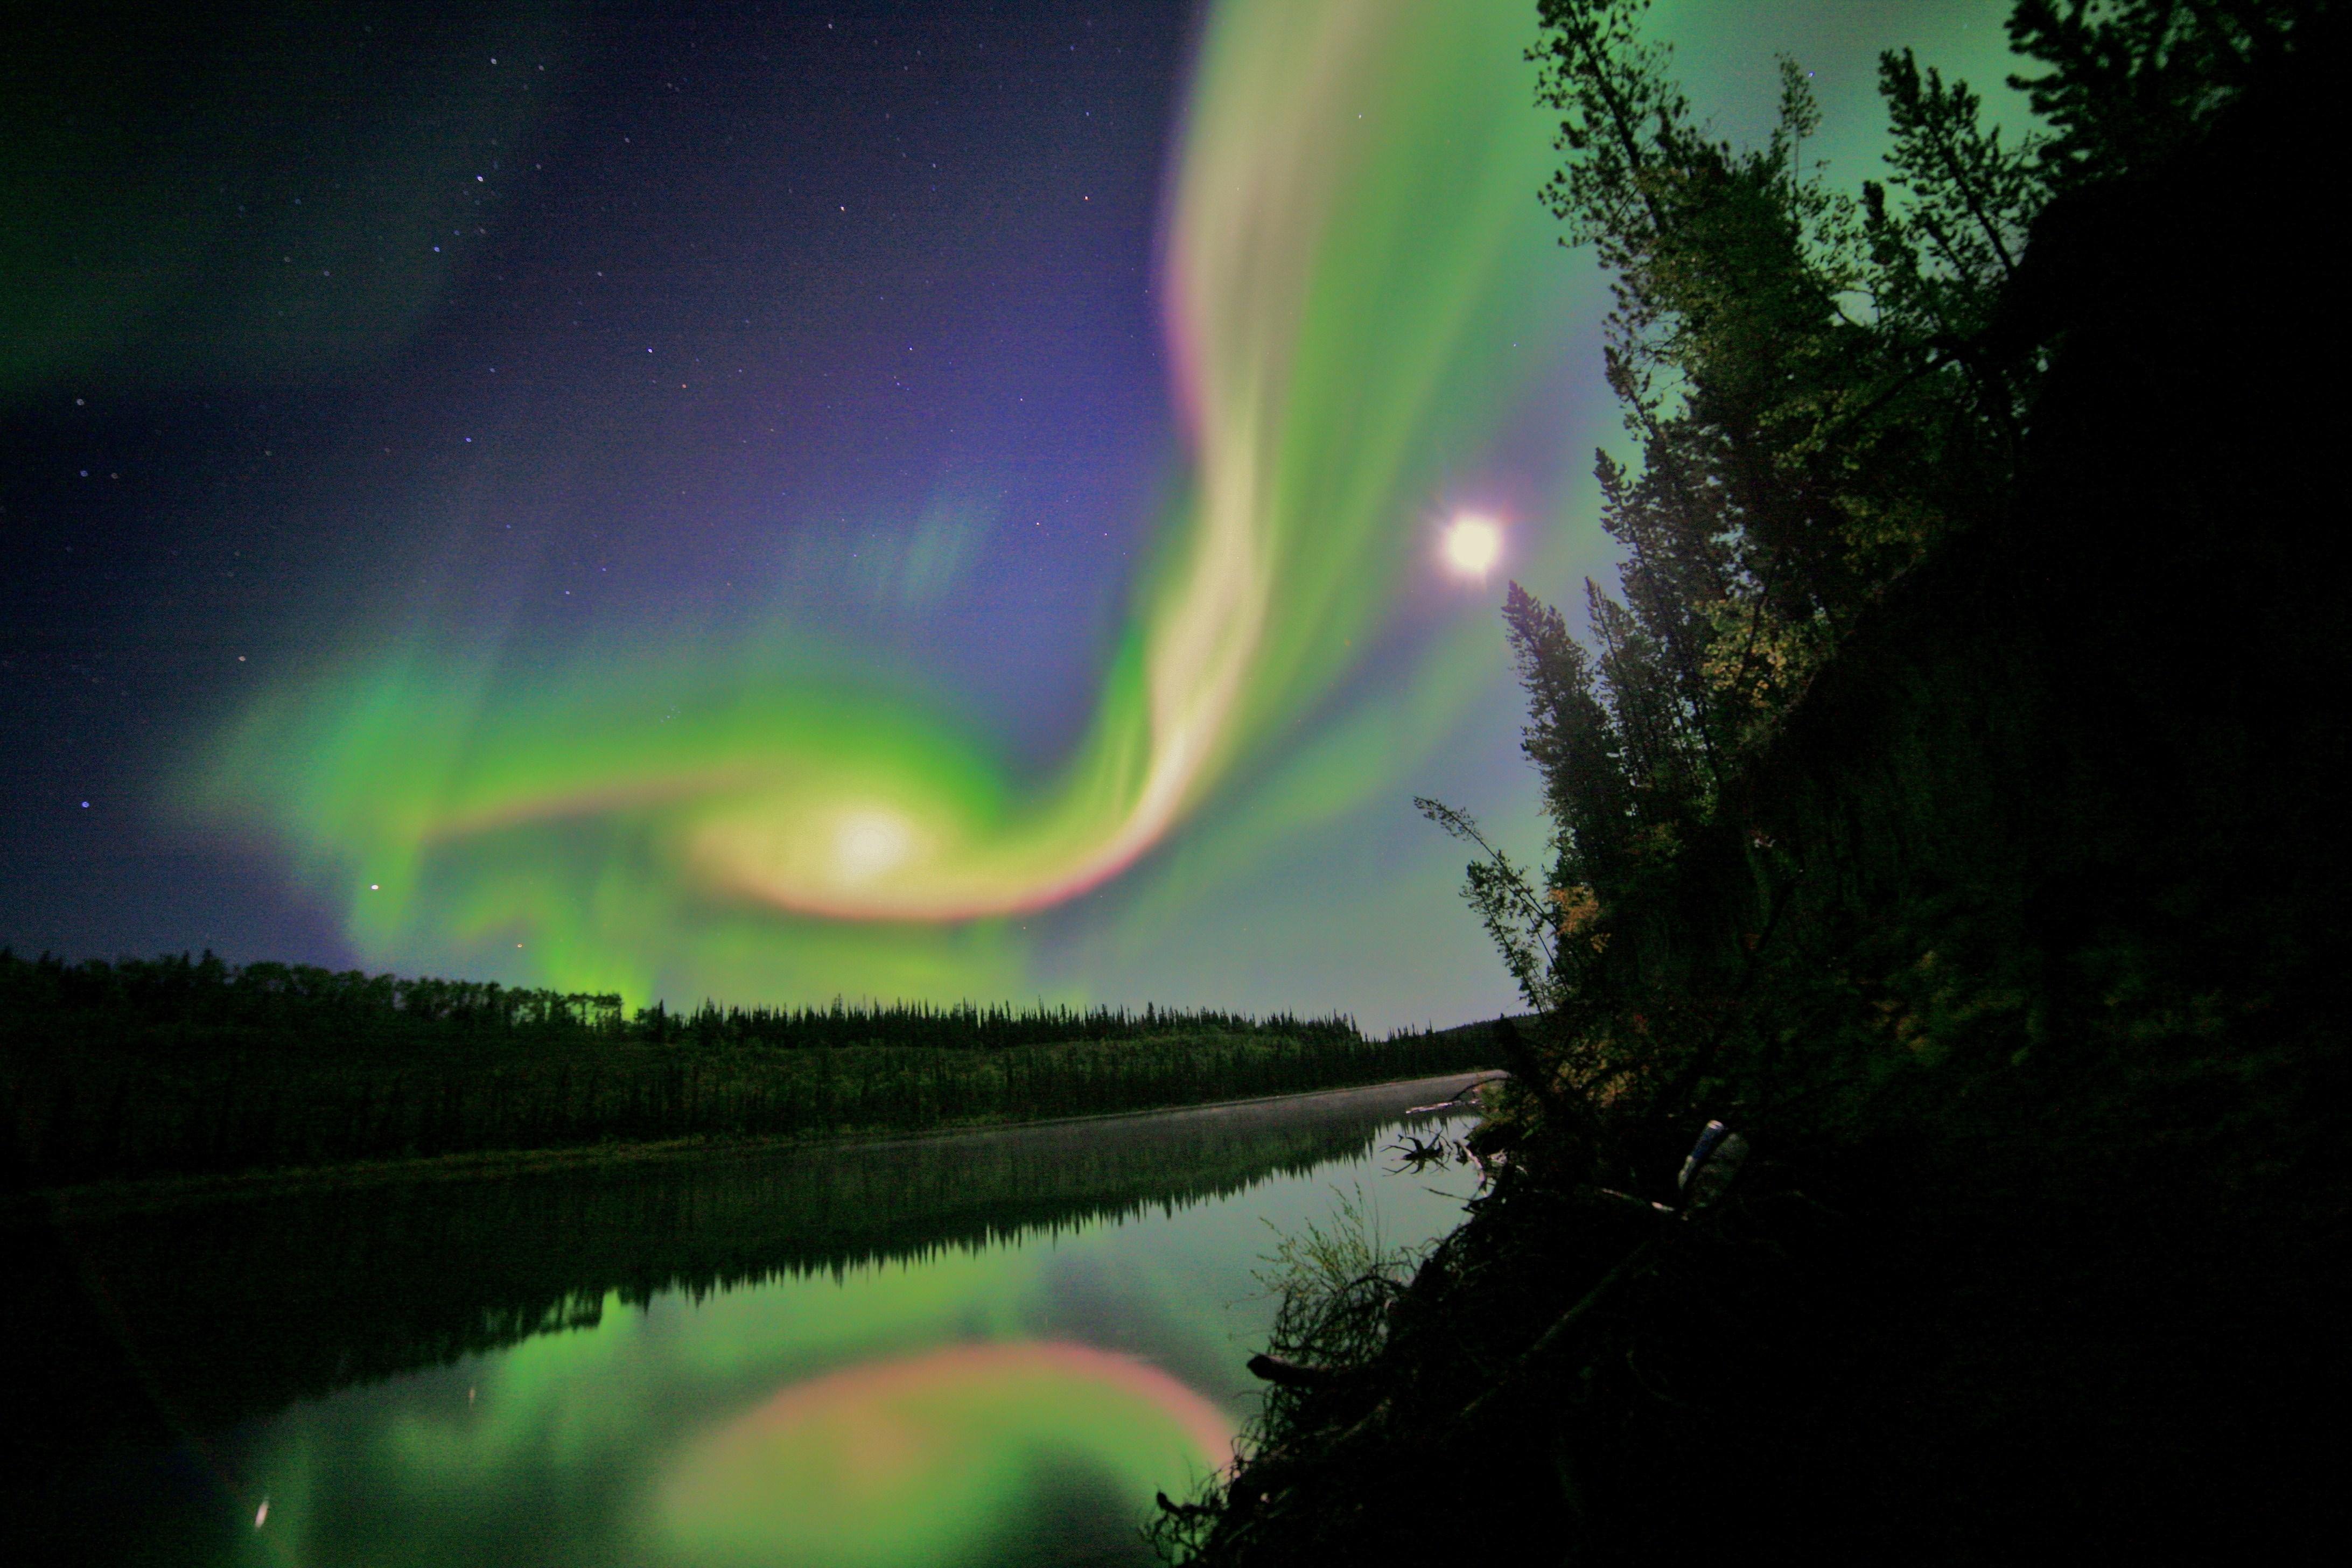 2012: 31/08 La plus incroyable éruption solaire jamais enregistrée. 683916main_DavidCartierSr-RiverMirror-orig_full